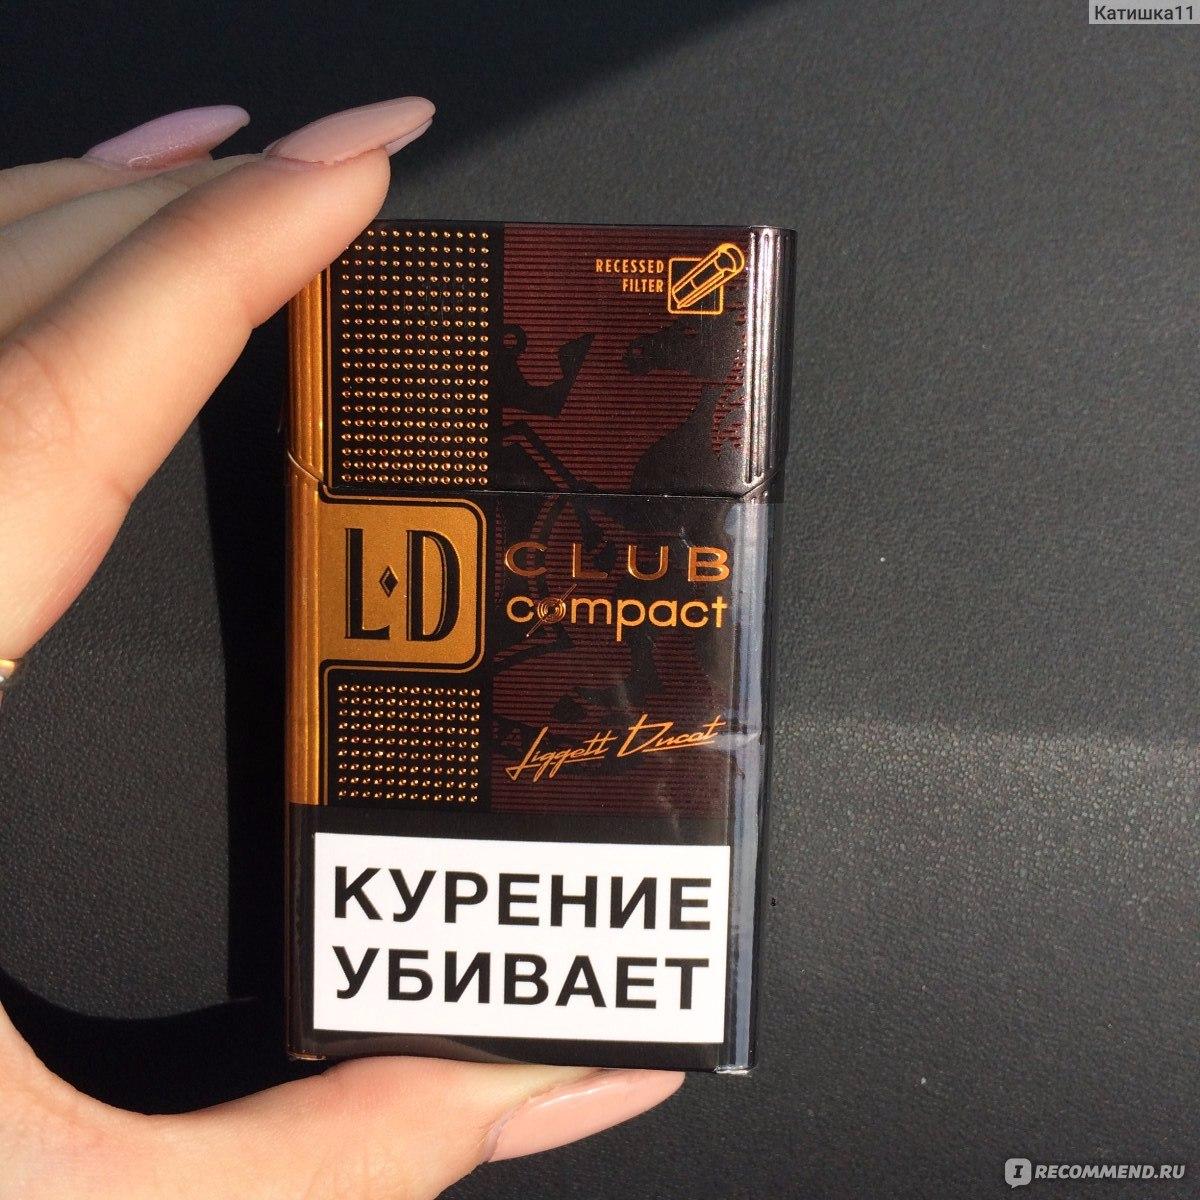 Хорошие сигареты где купить в электронные сигареты в нижнекамске купить